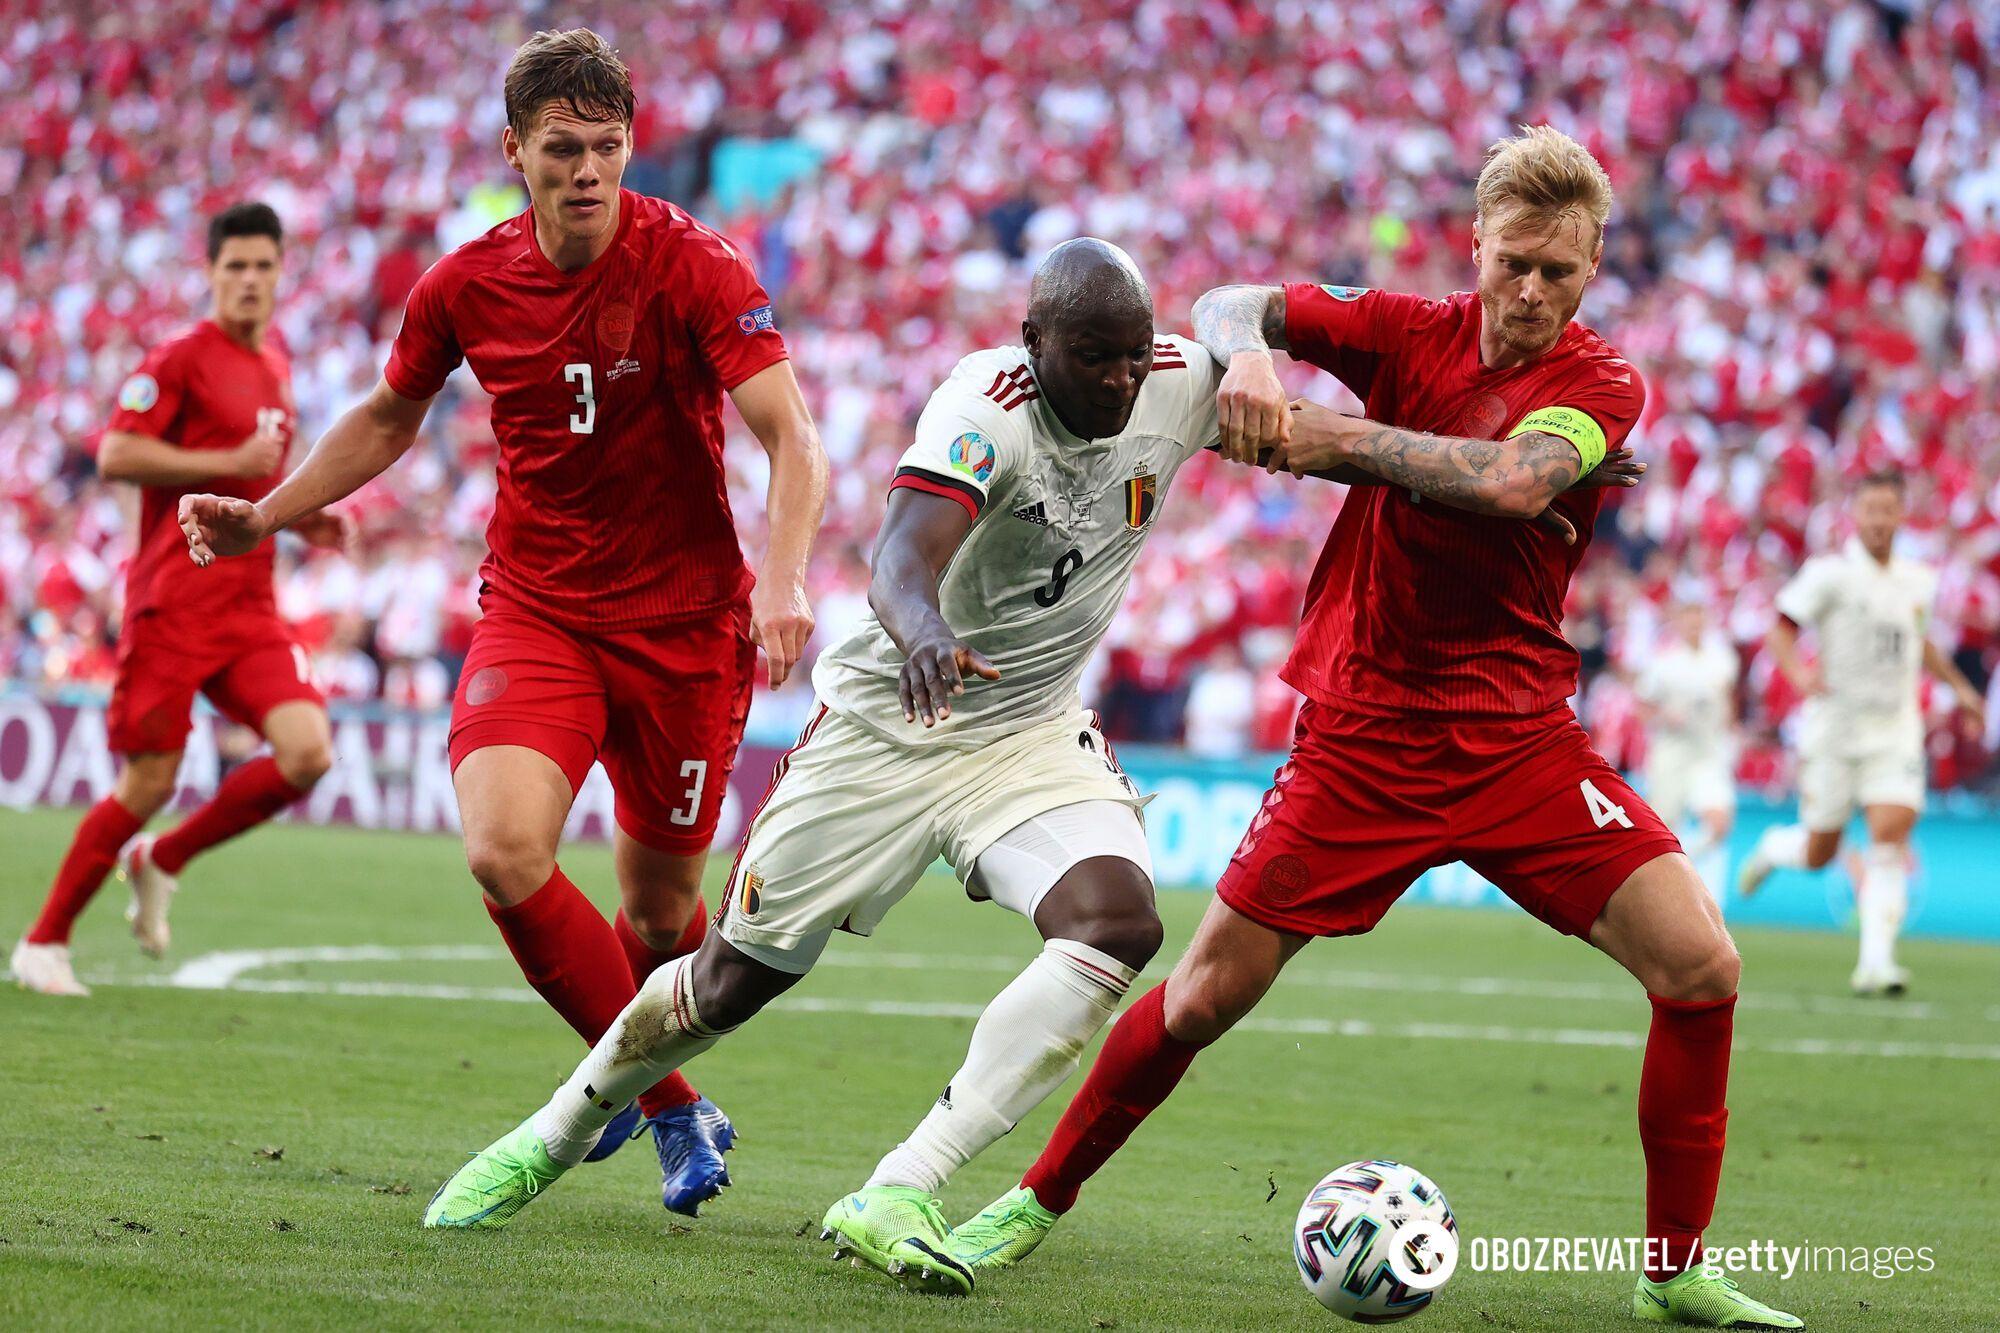 Бельгия добыла волевую победу на Евро-2020